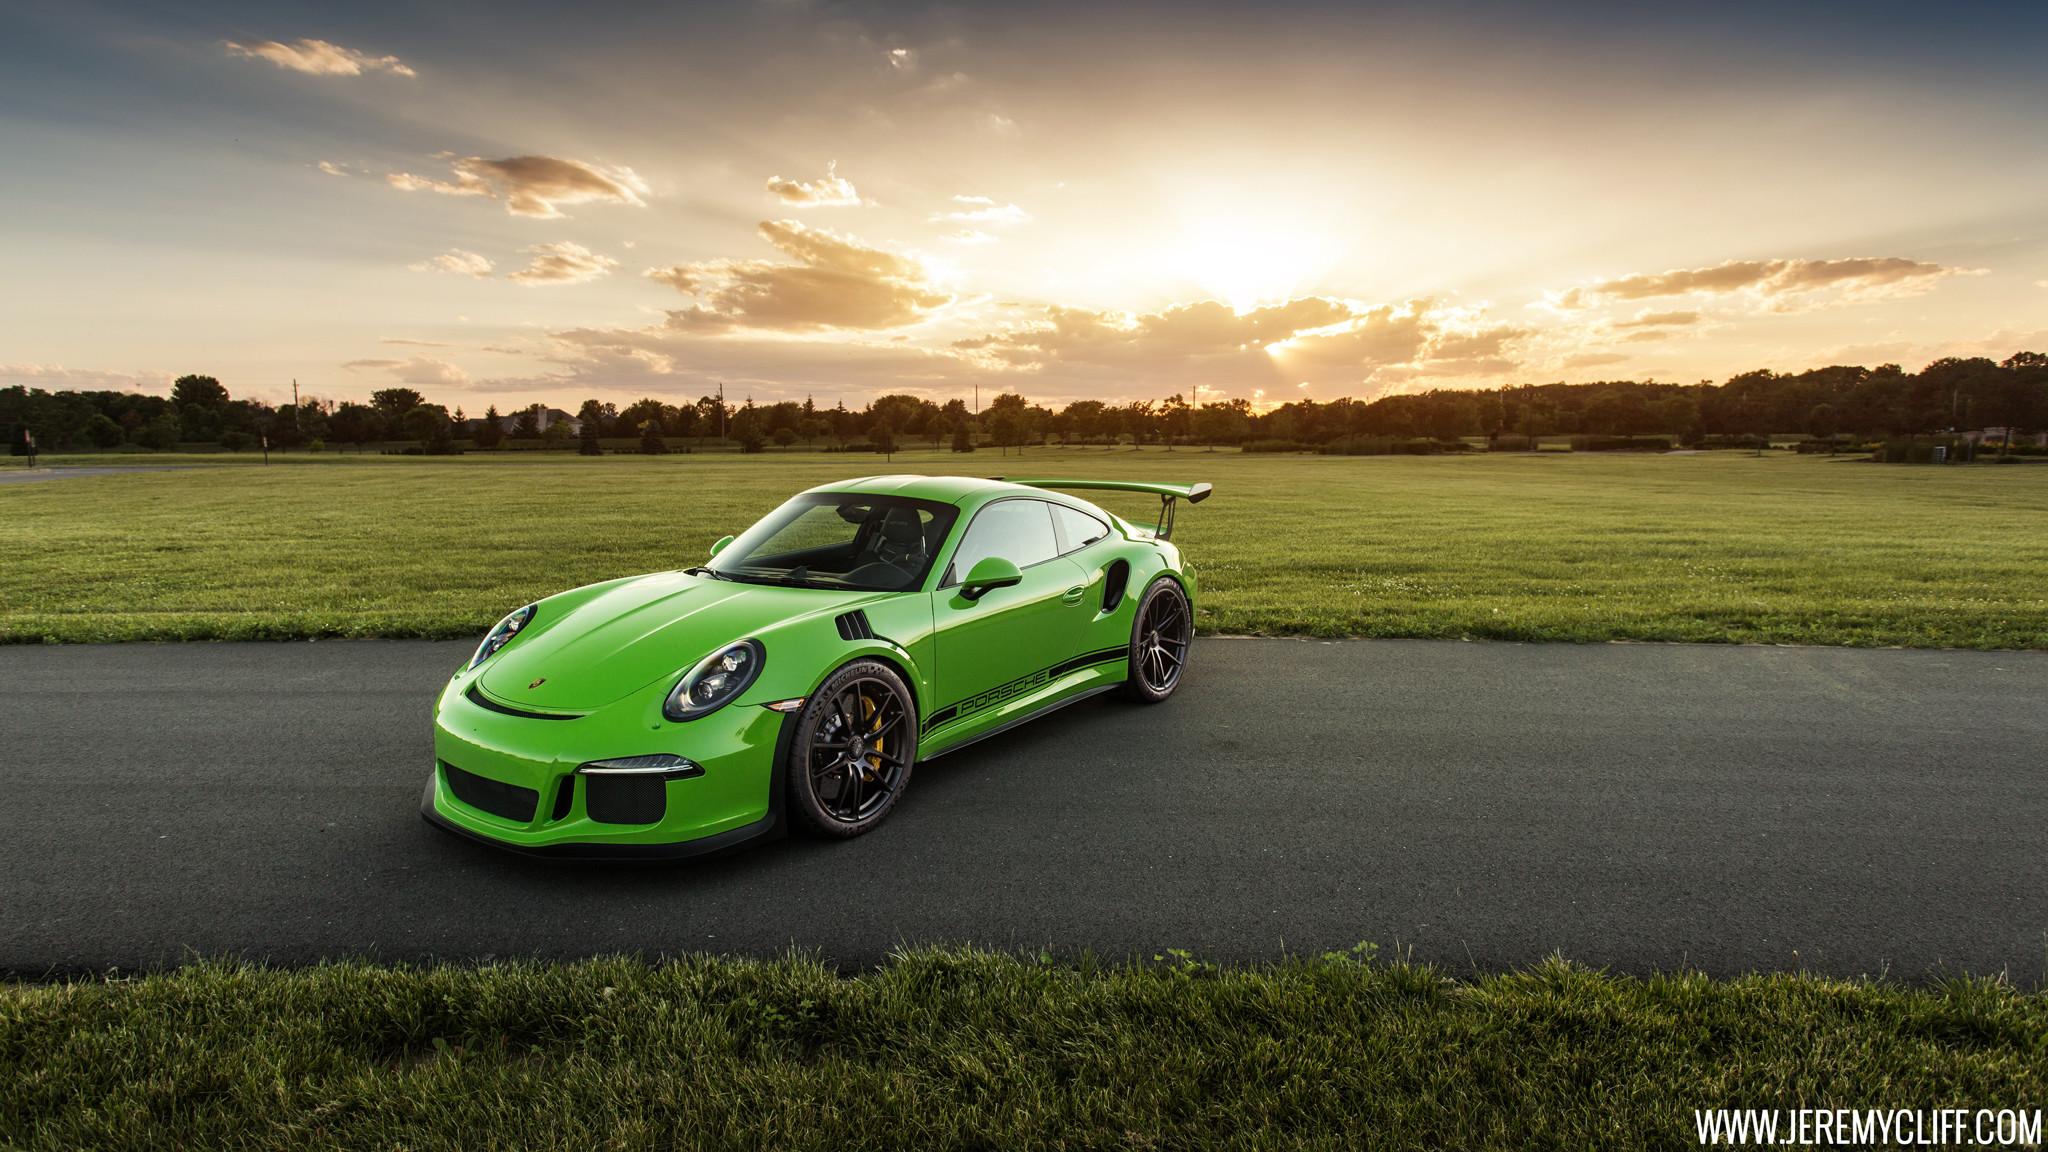 Porsche GT3 RS Wallpaper ·① WallpaperTag